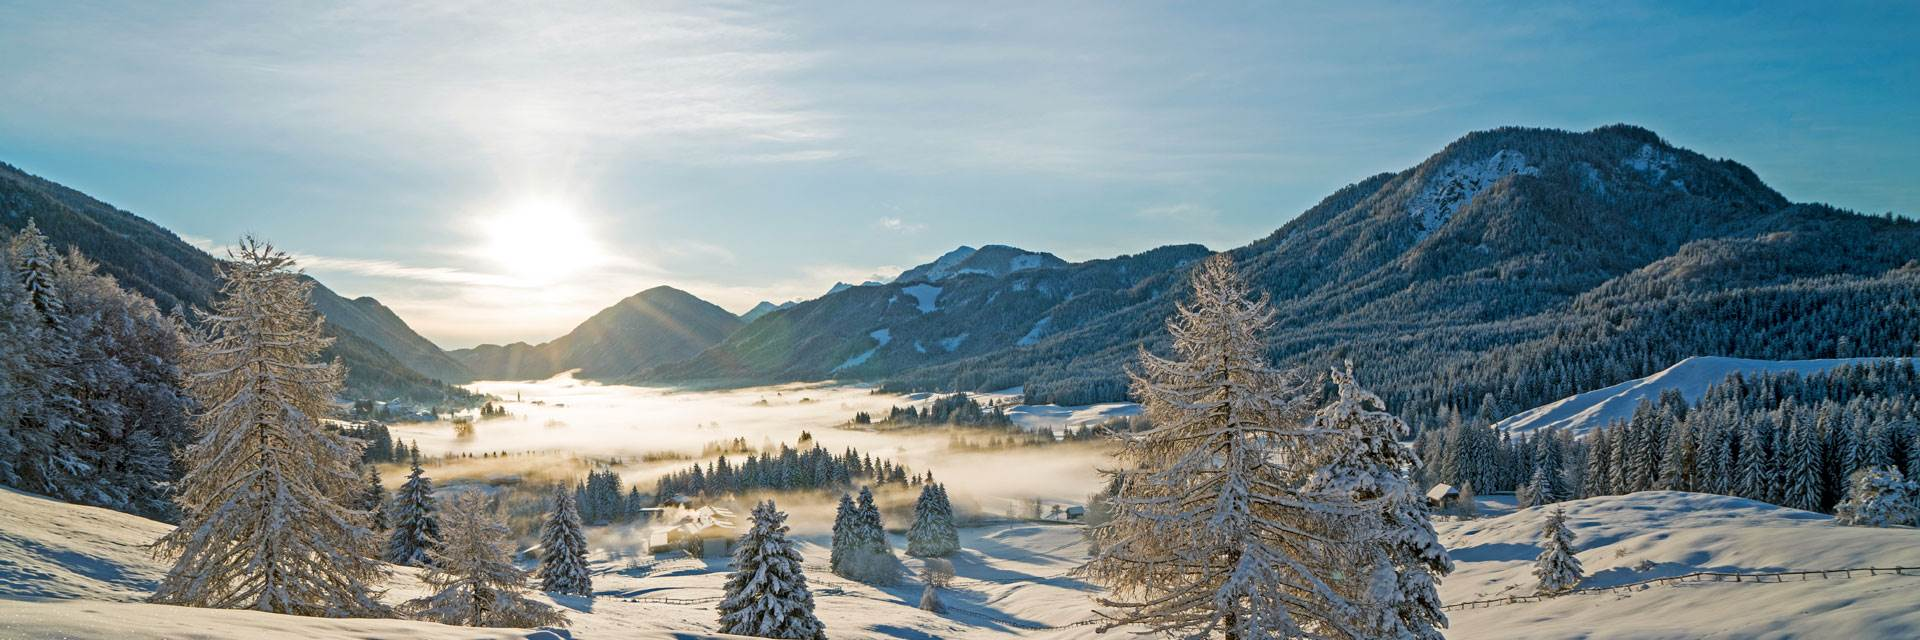 Mùa đông lạnh lẽo tuyết phủ